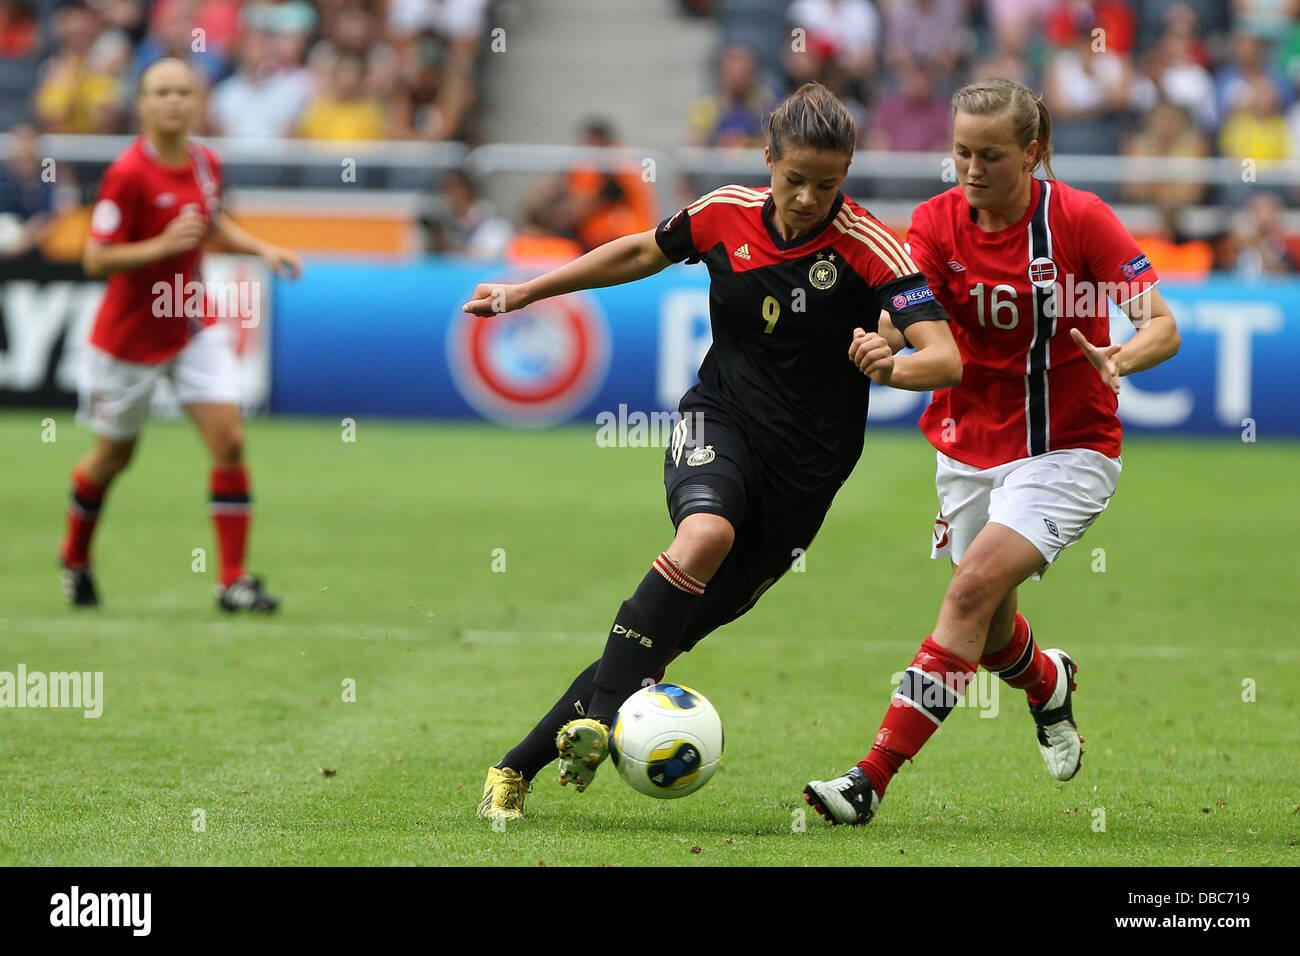 28 07 2013 Xfsx Fussball Em 2013 Finale Deutschland